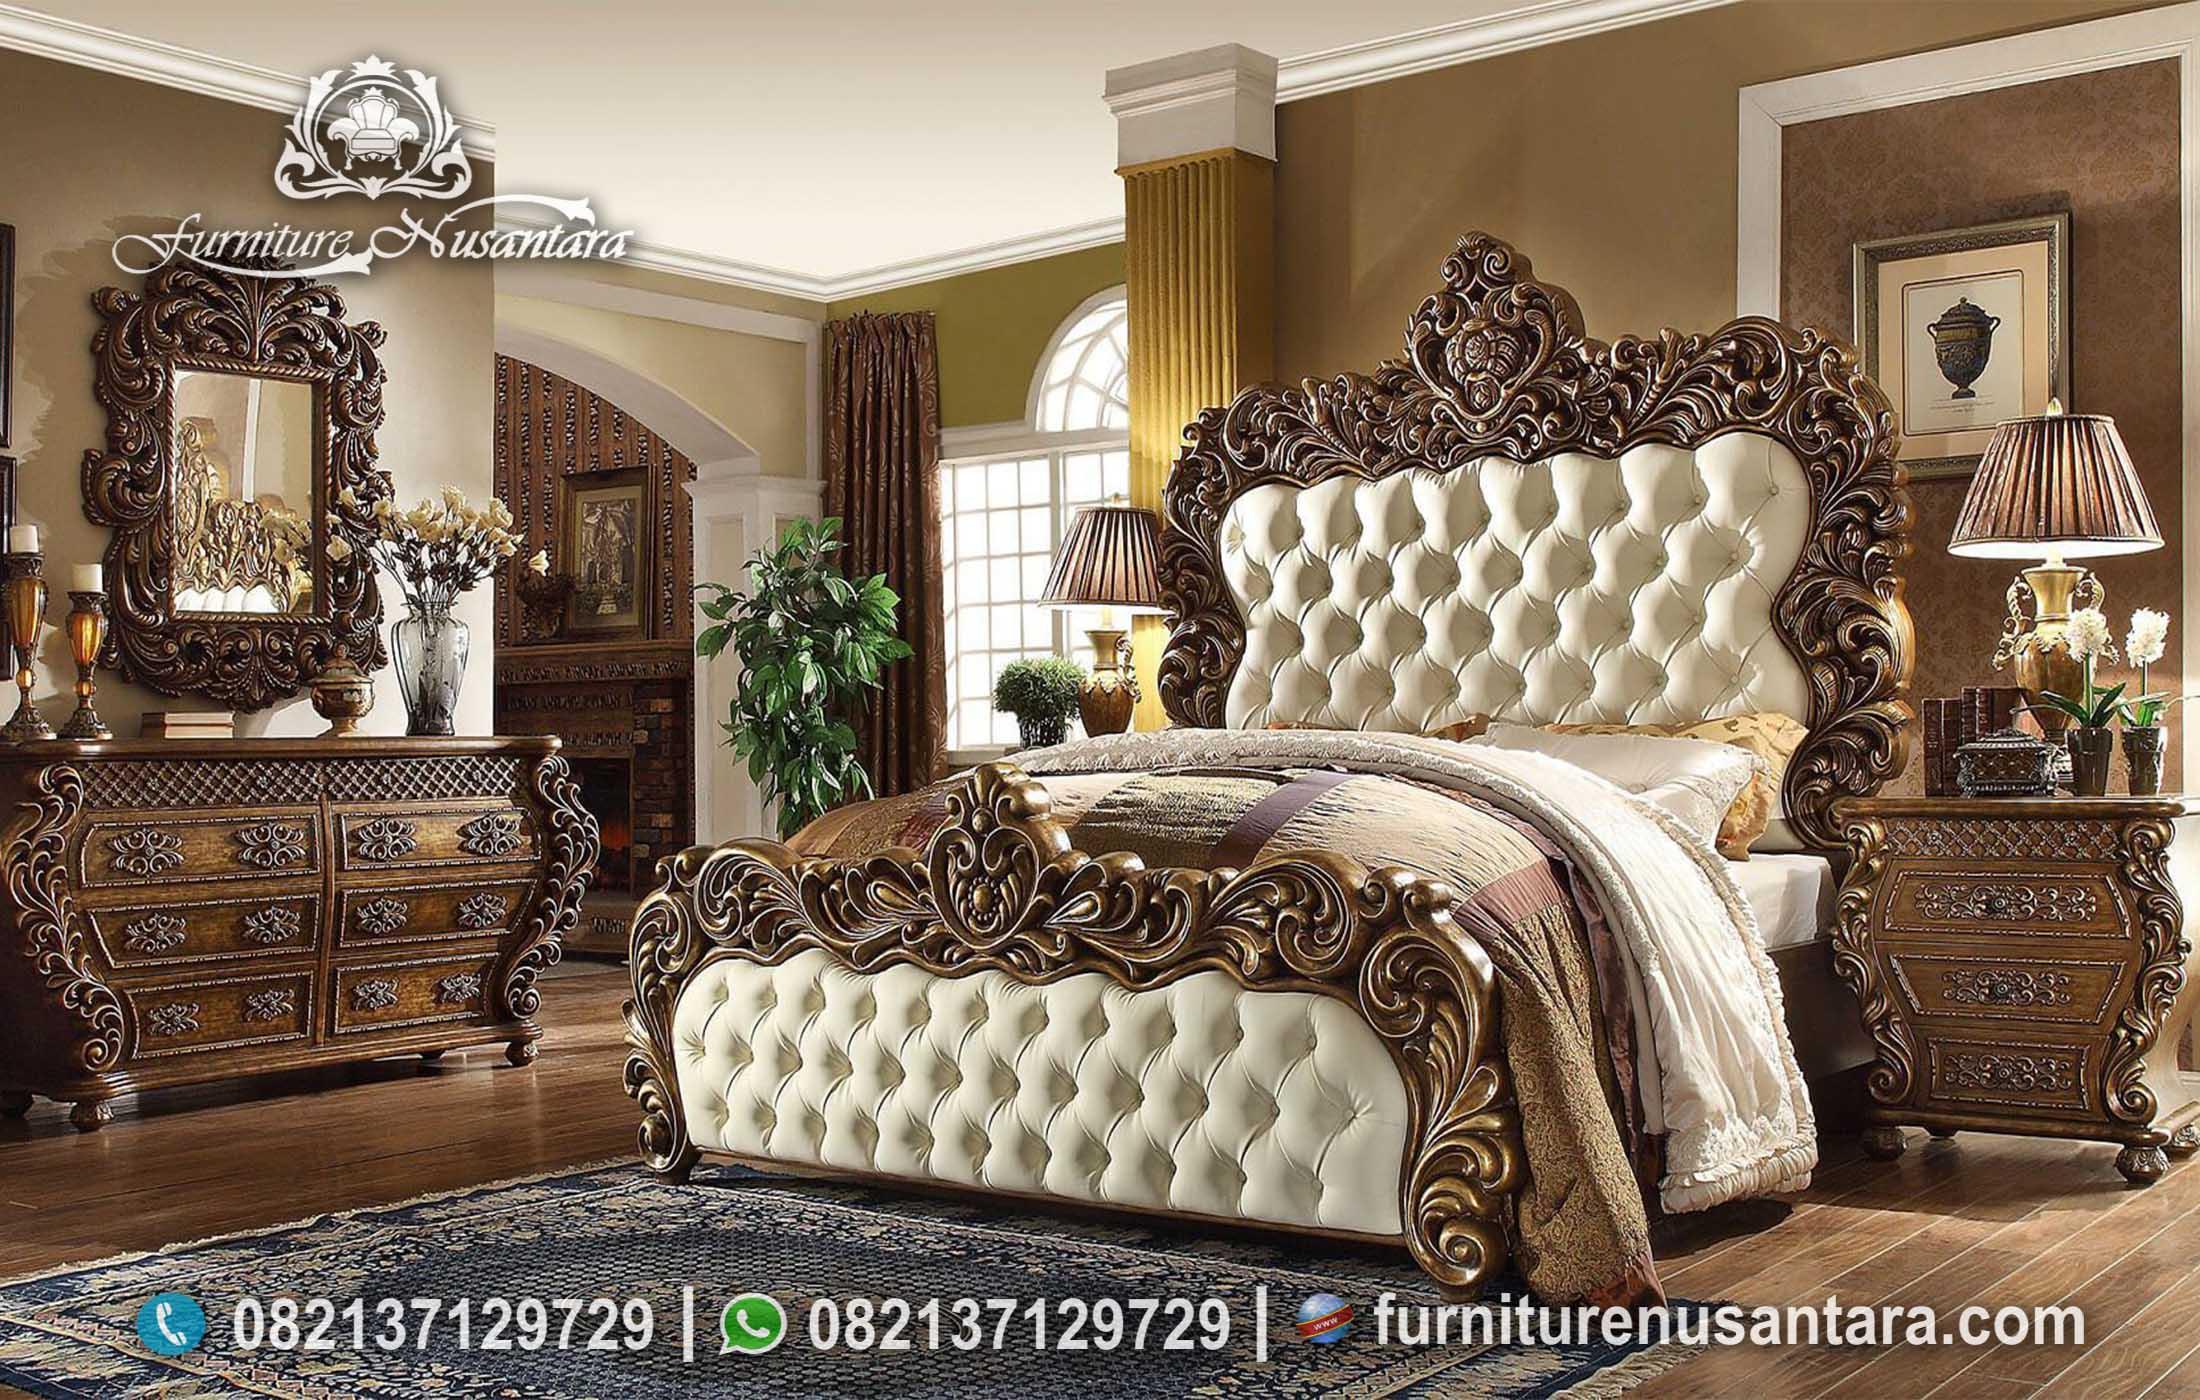 Set Tempat Tidur Ukir Jepara Mewah KS-183, Furniture Nusantara